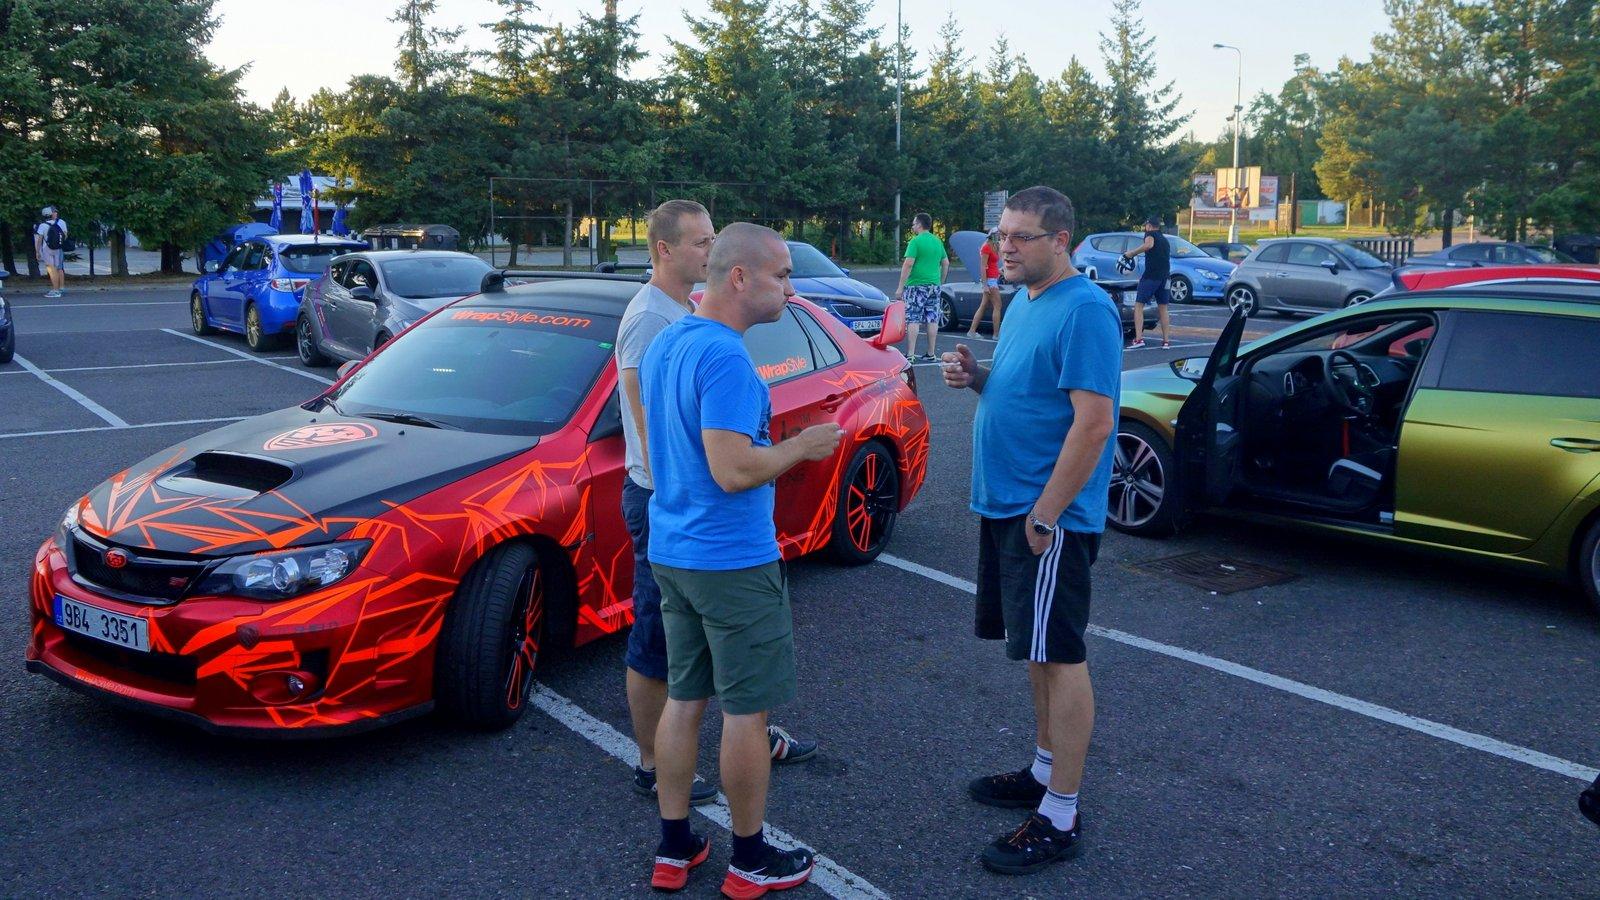 lidi si povídají u aut na parkovišti